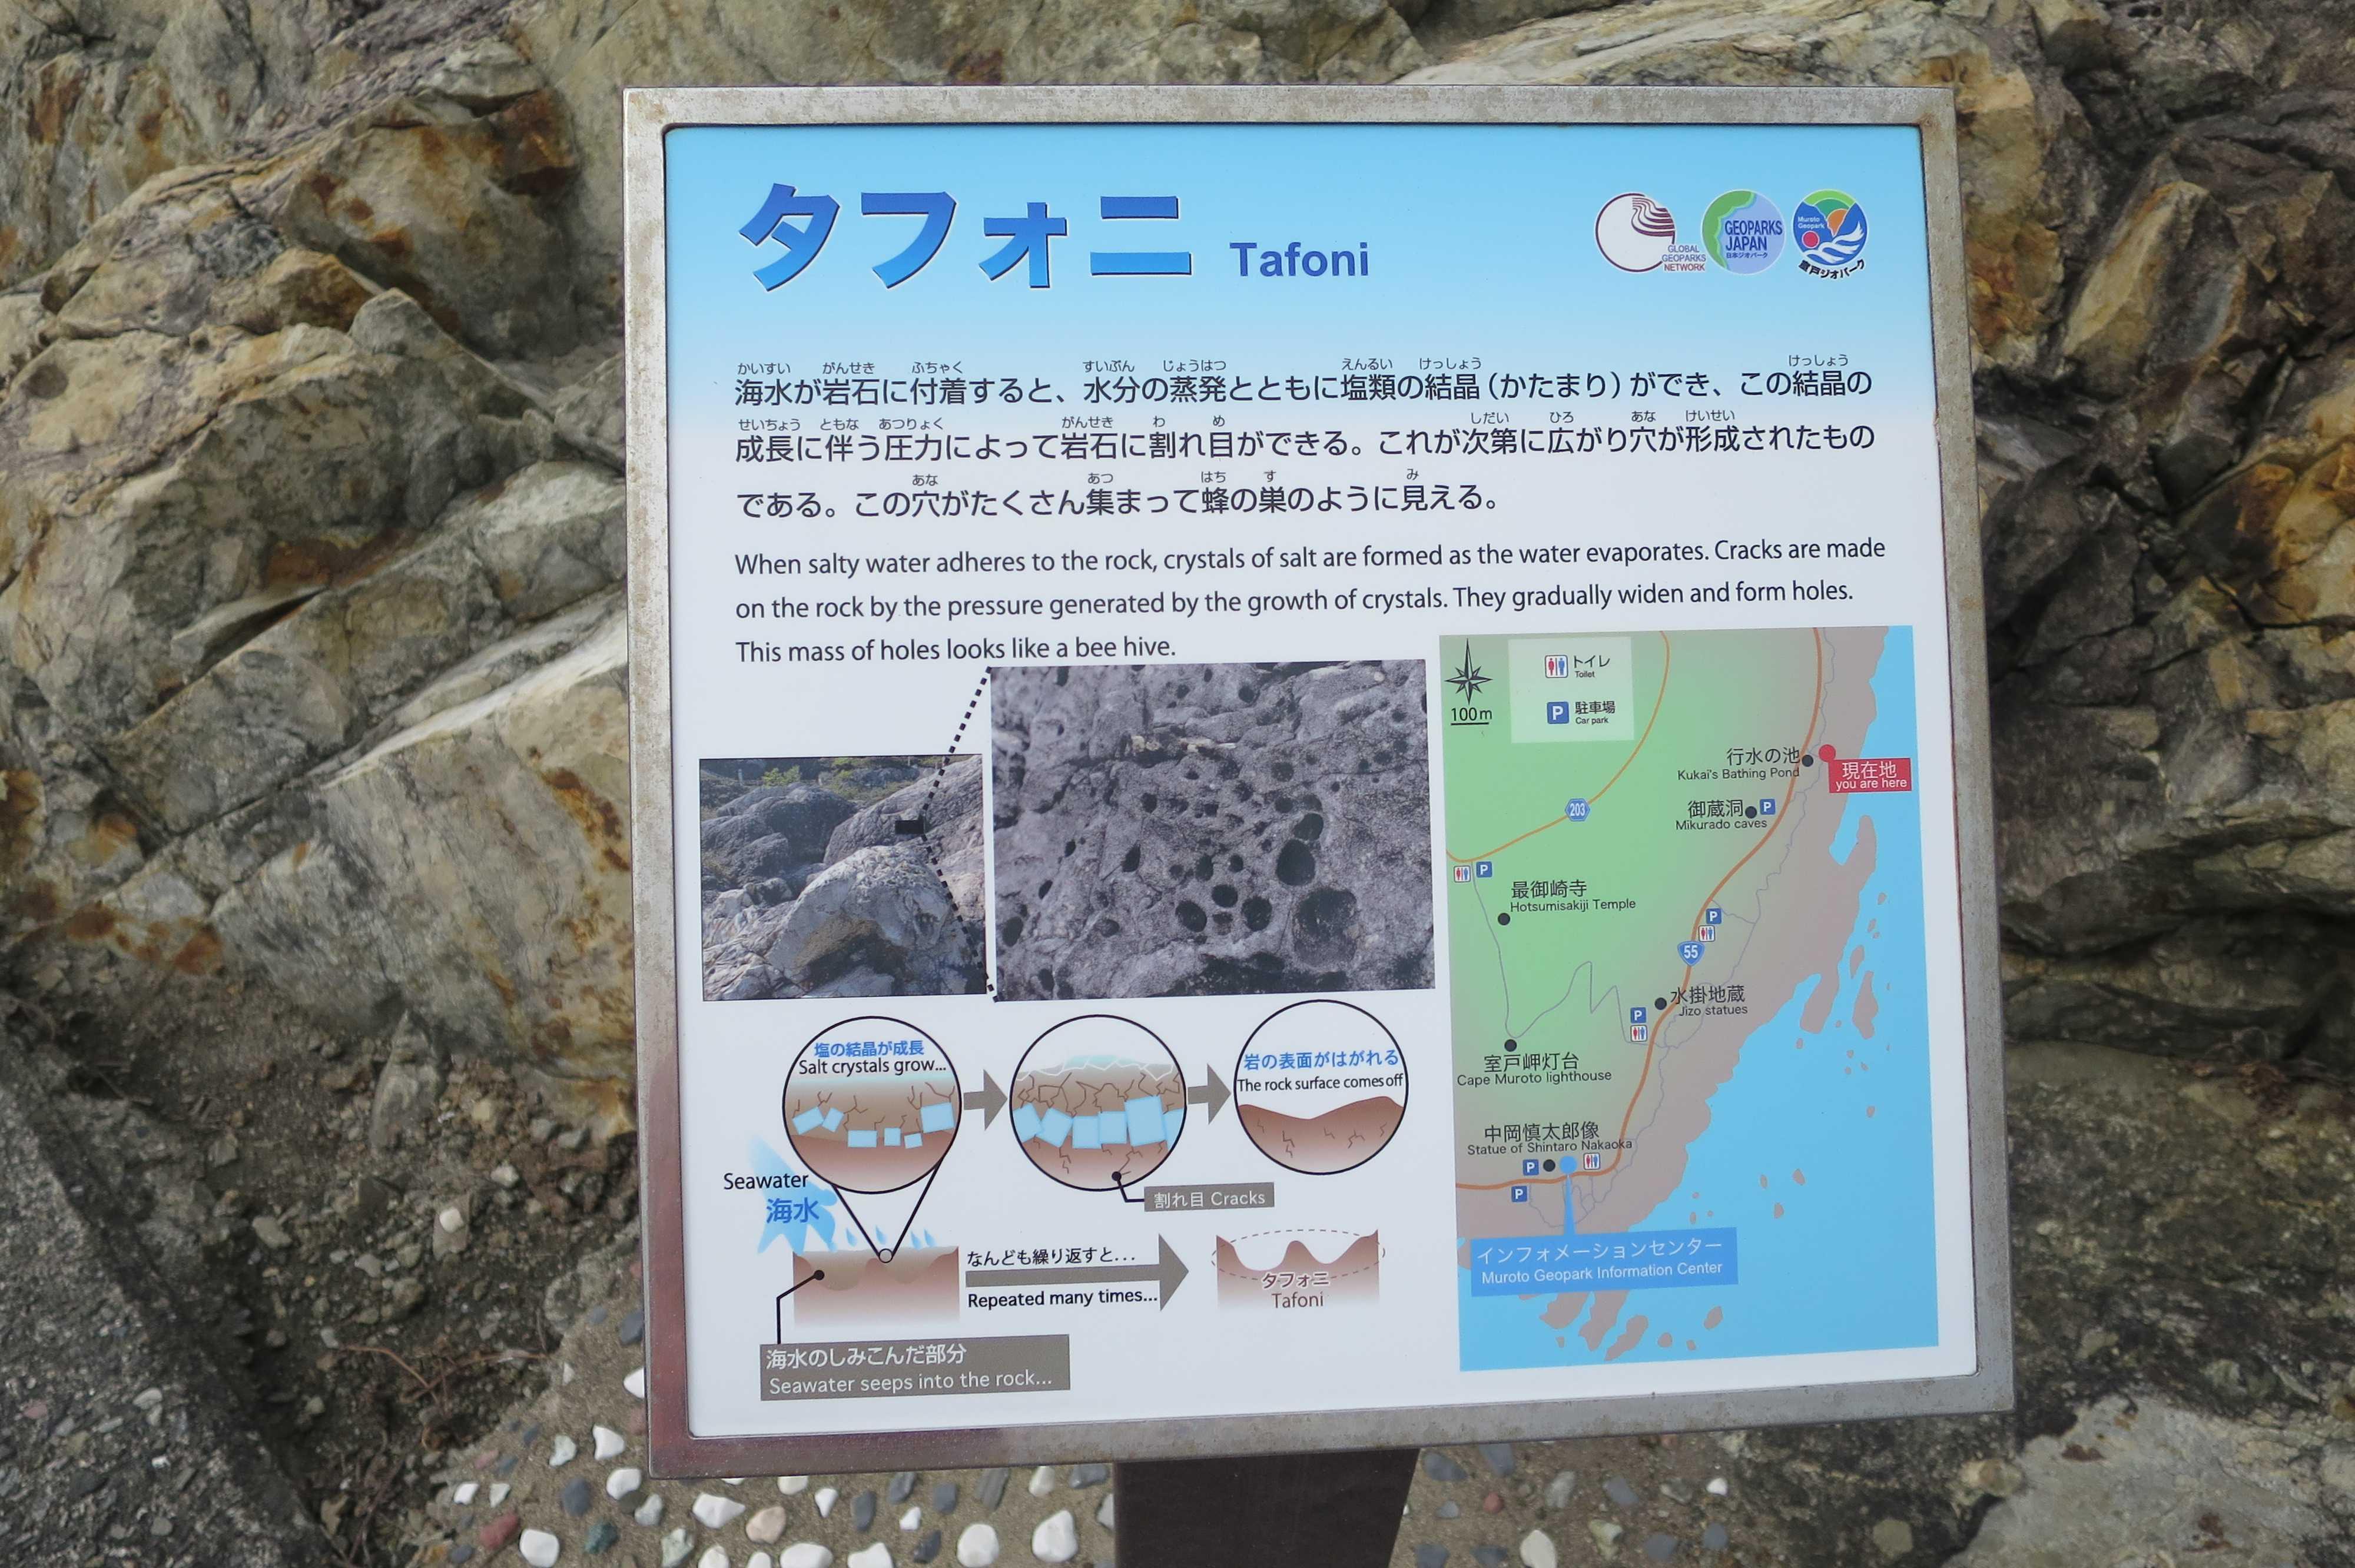 タフォニ Tafoni - 室戸岬 乱礁遊歩道